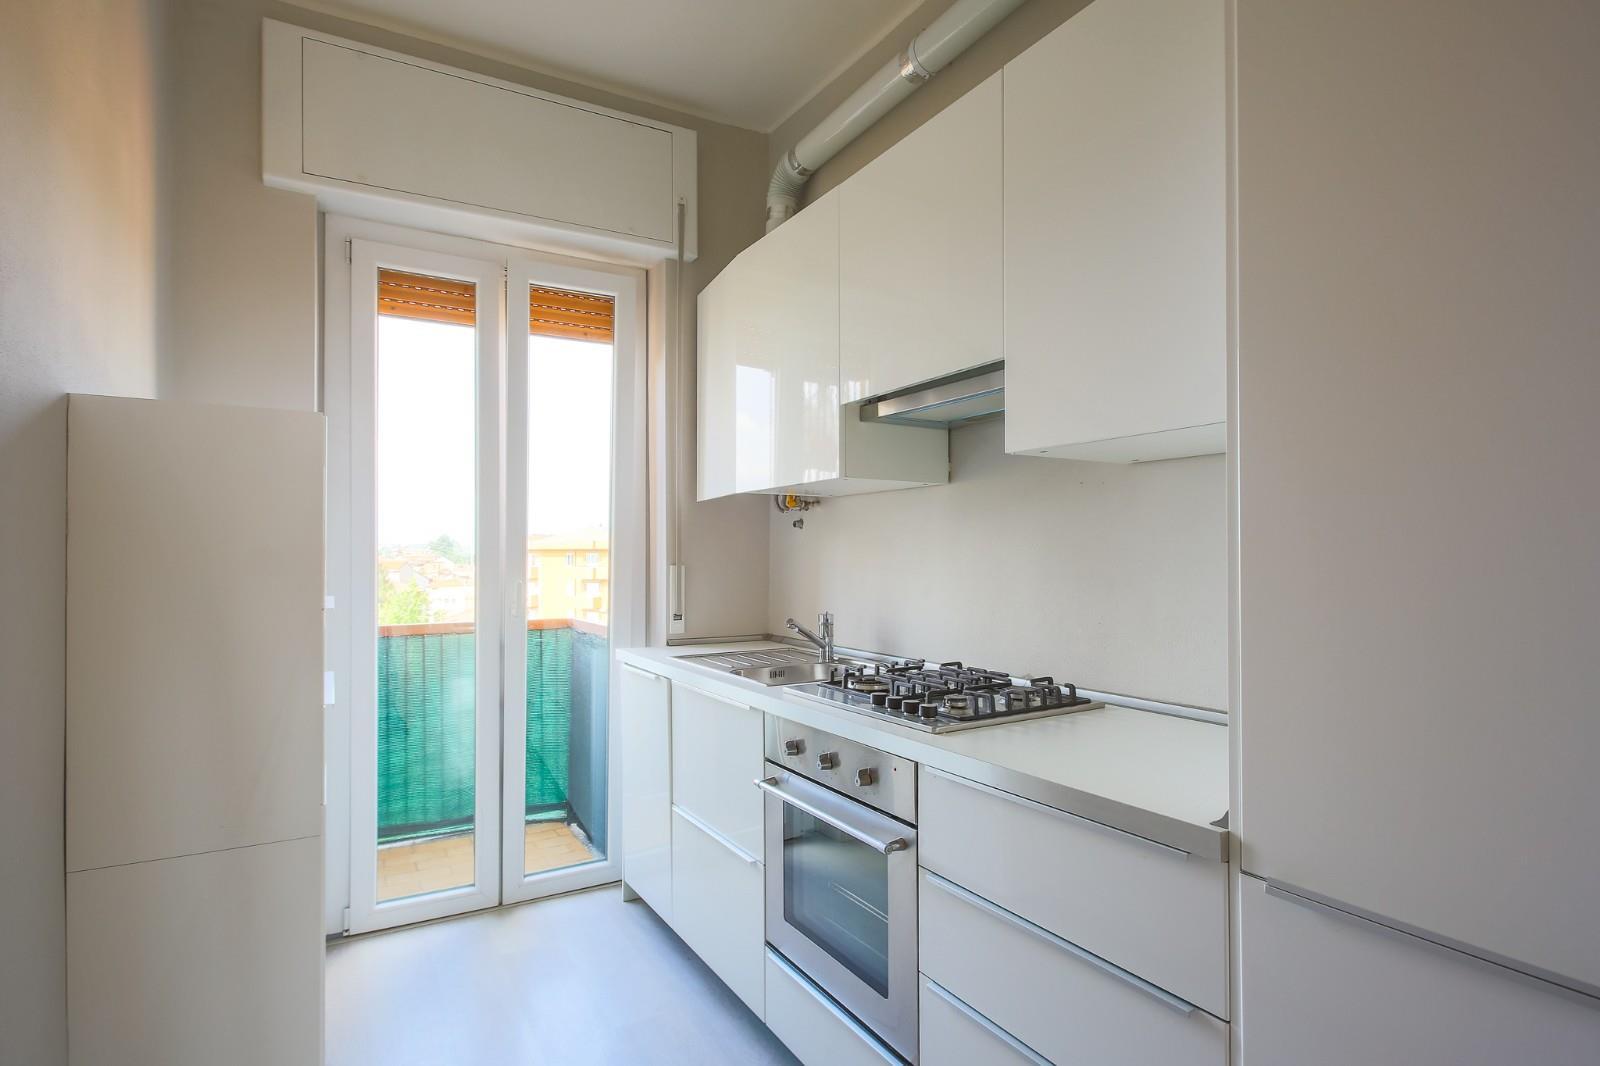 Foto 5 - Appartamento in Vendita - Verano Brianza (Monza e Brianza)